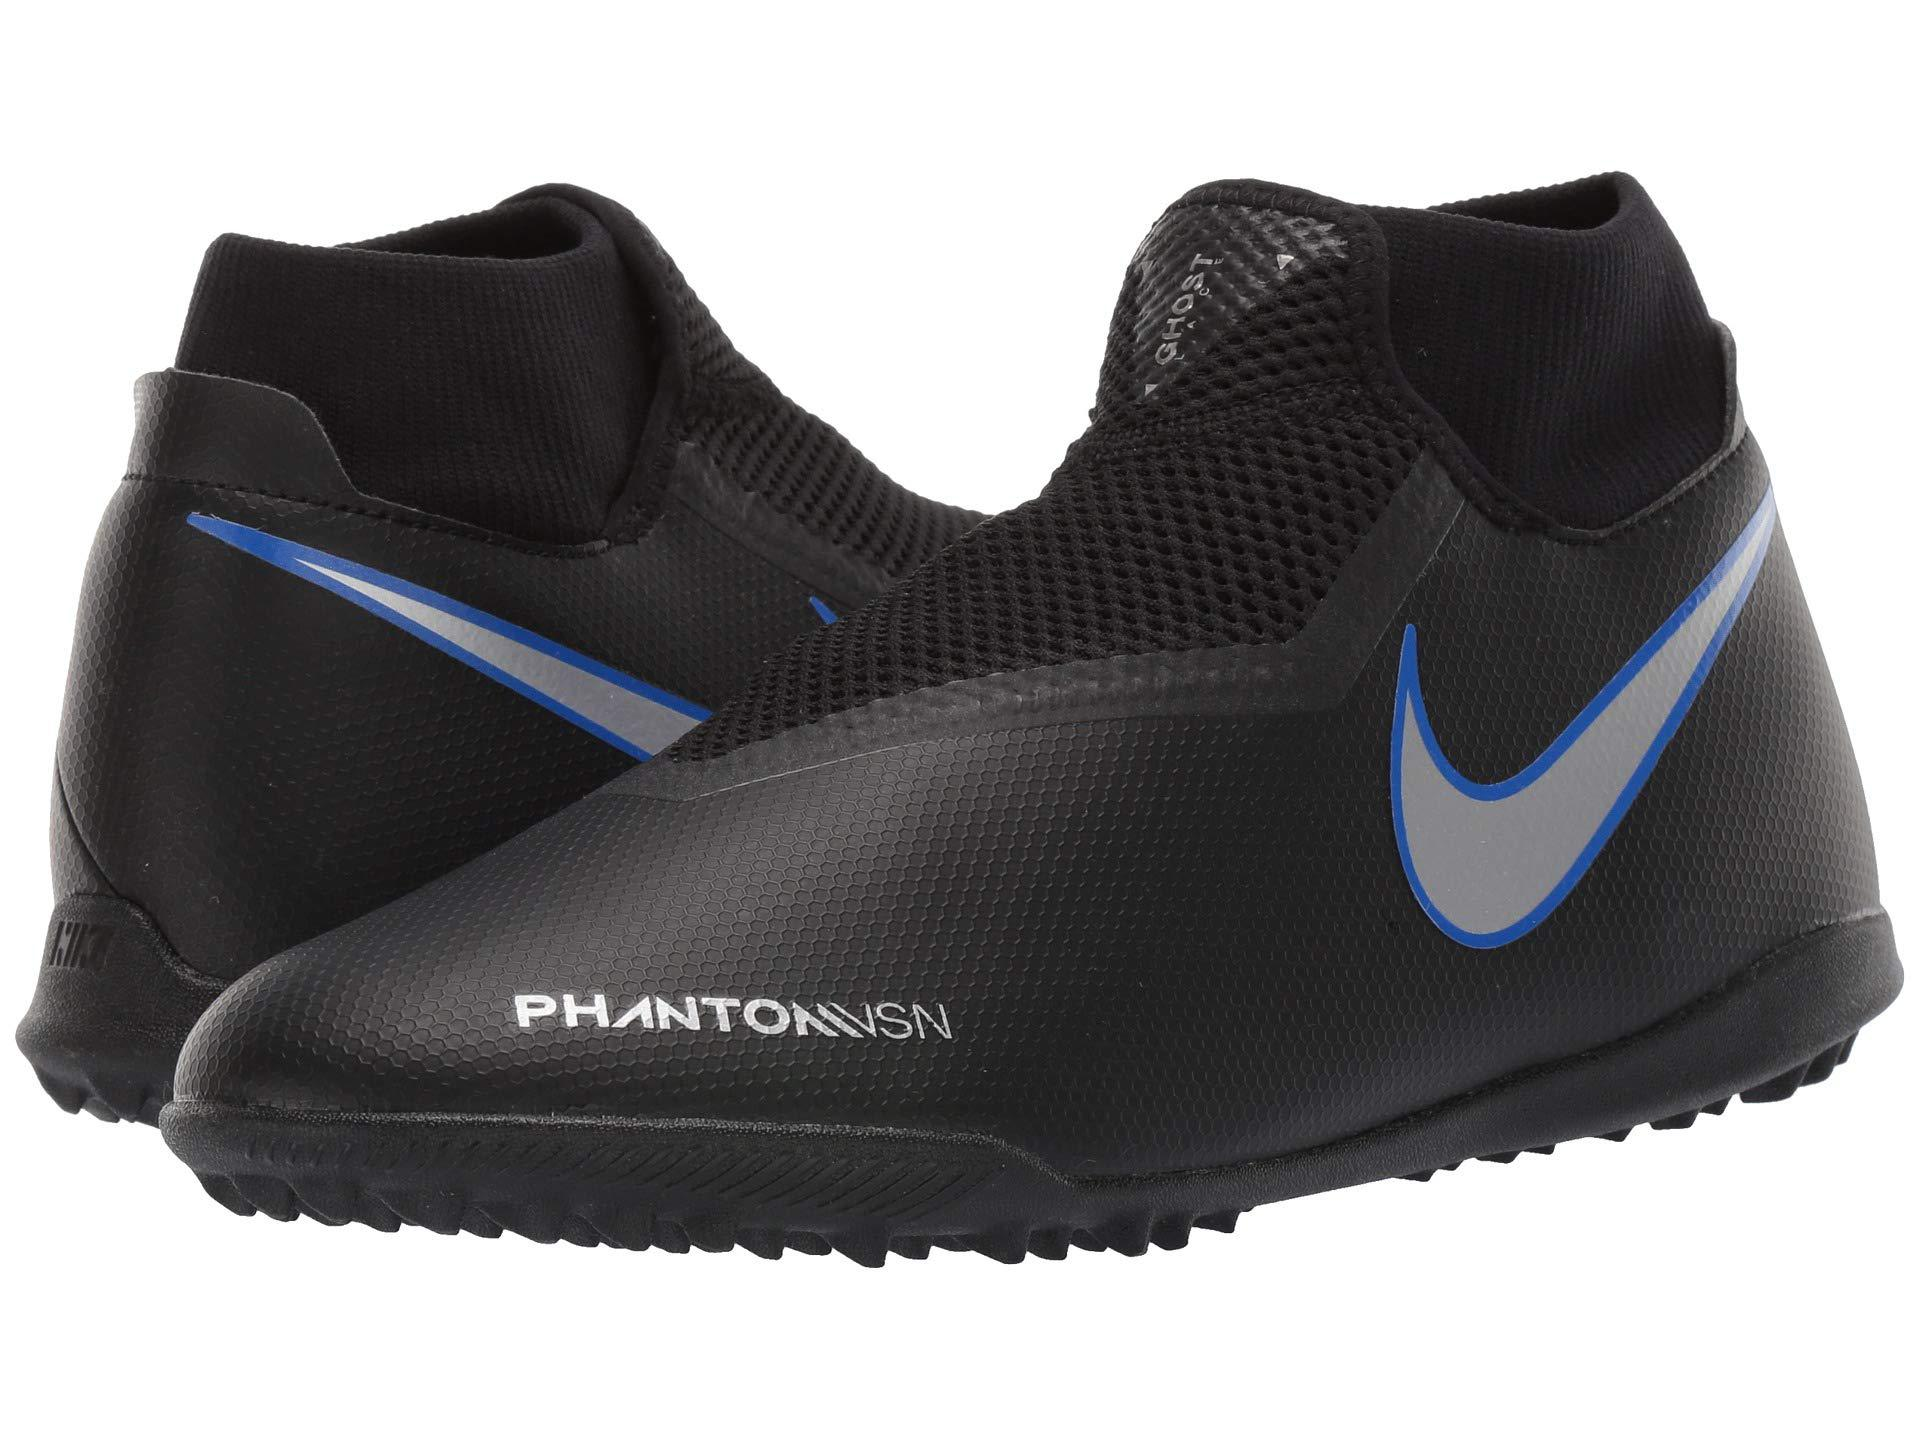 fbdc9987c Nike Phantom Vsn Academy Df Tf (racer Blue racer Blue black) Men s ...